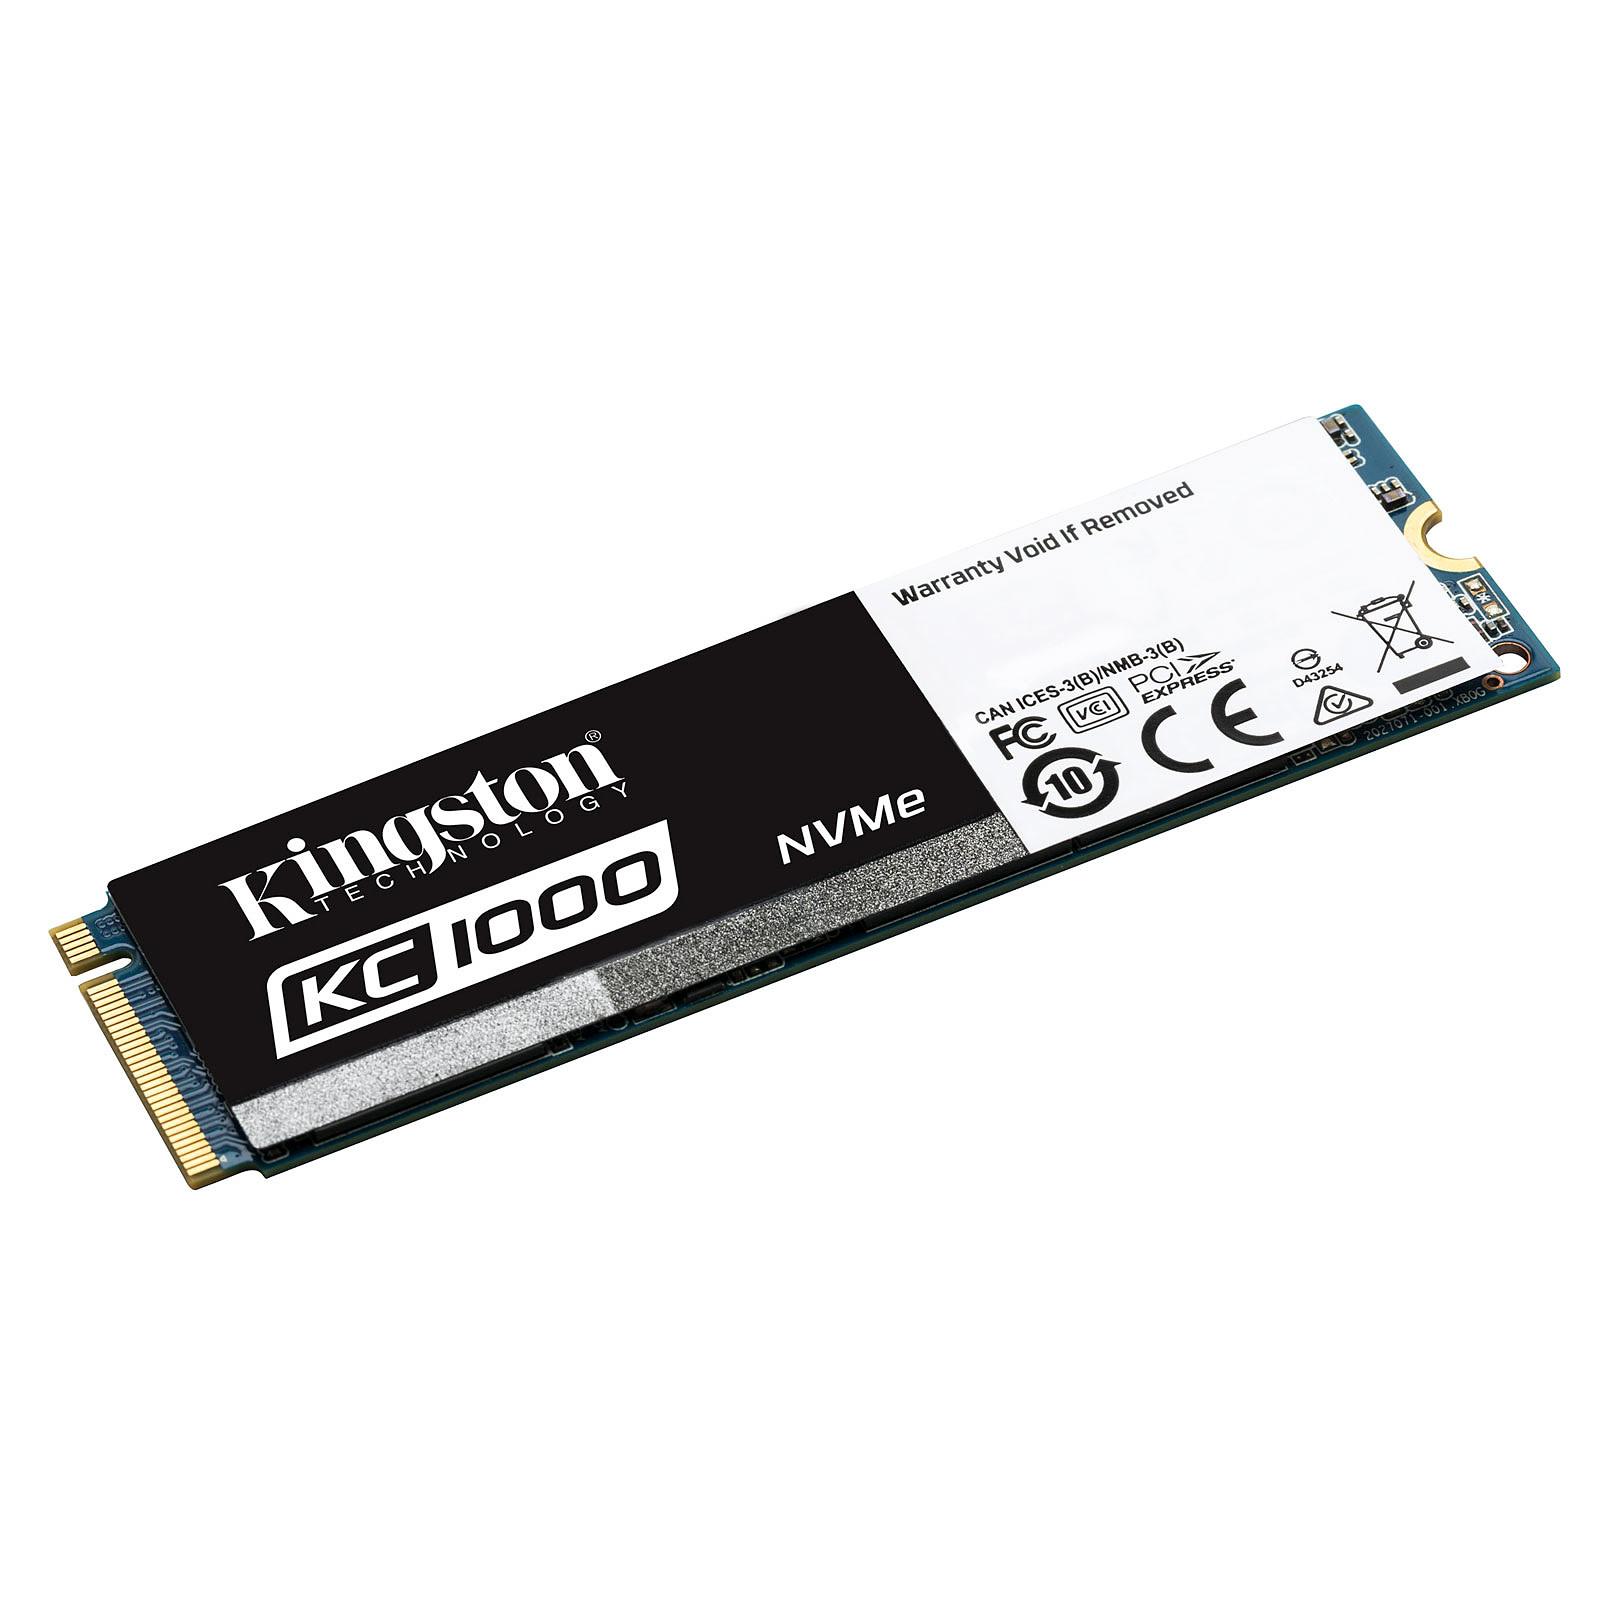 Kingston KC1000 M.2 PCIe NVMe 960 Go